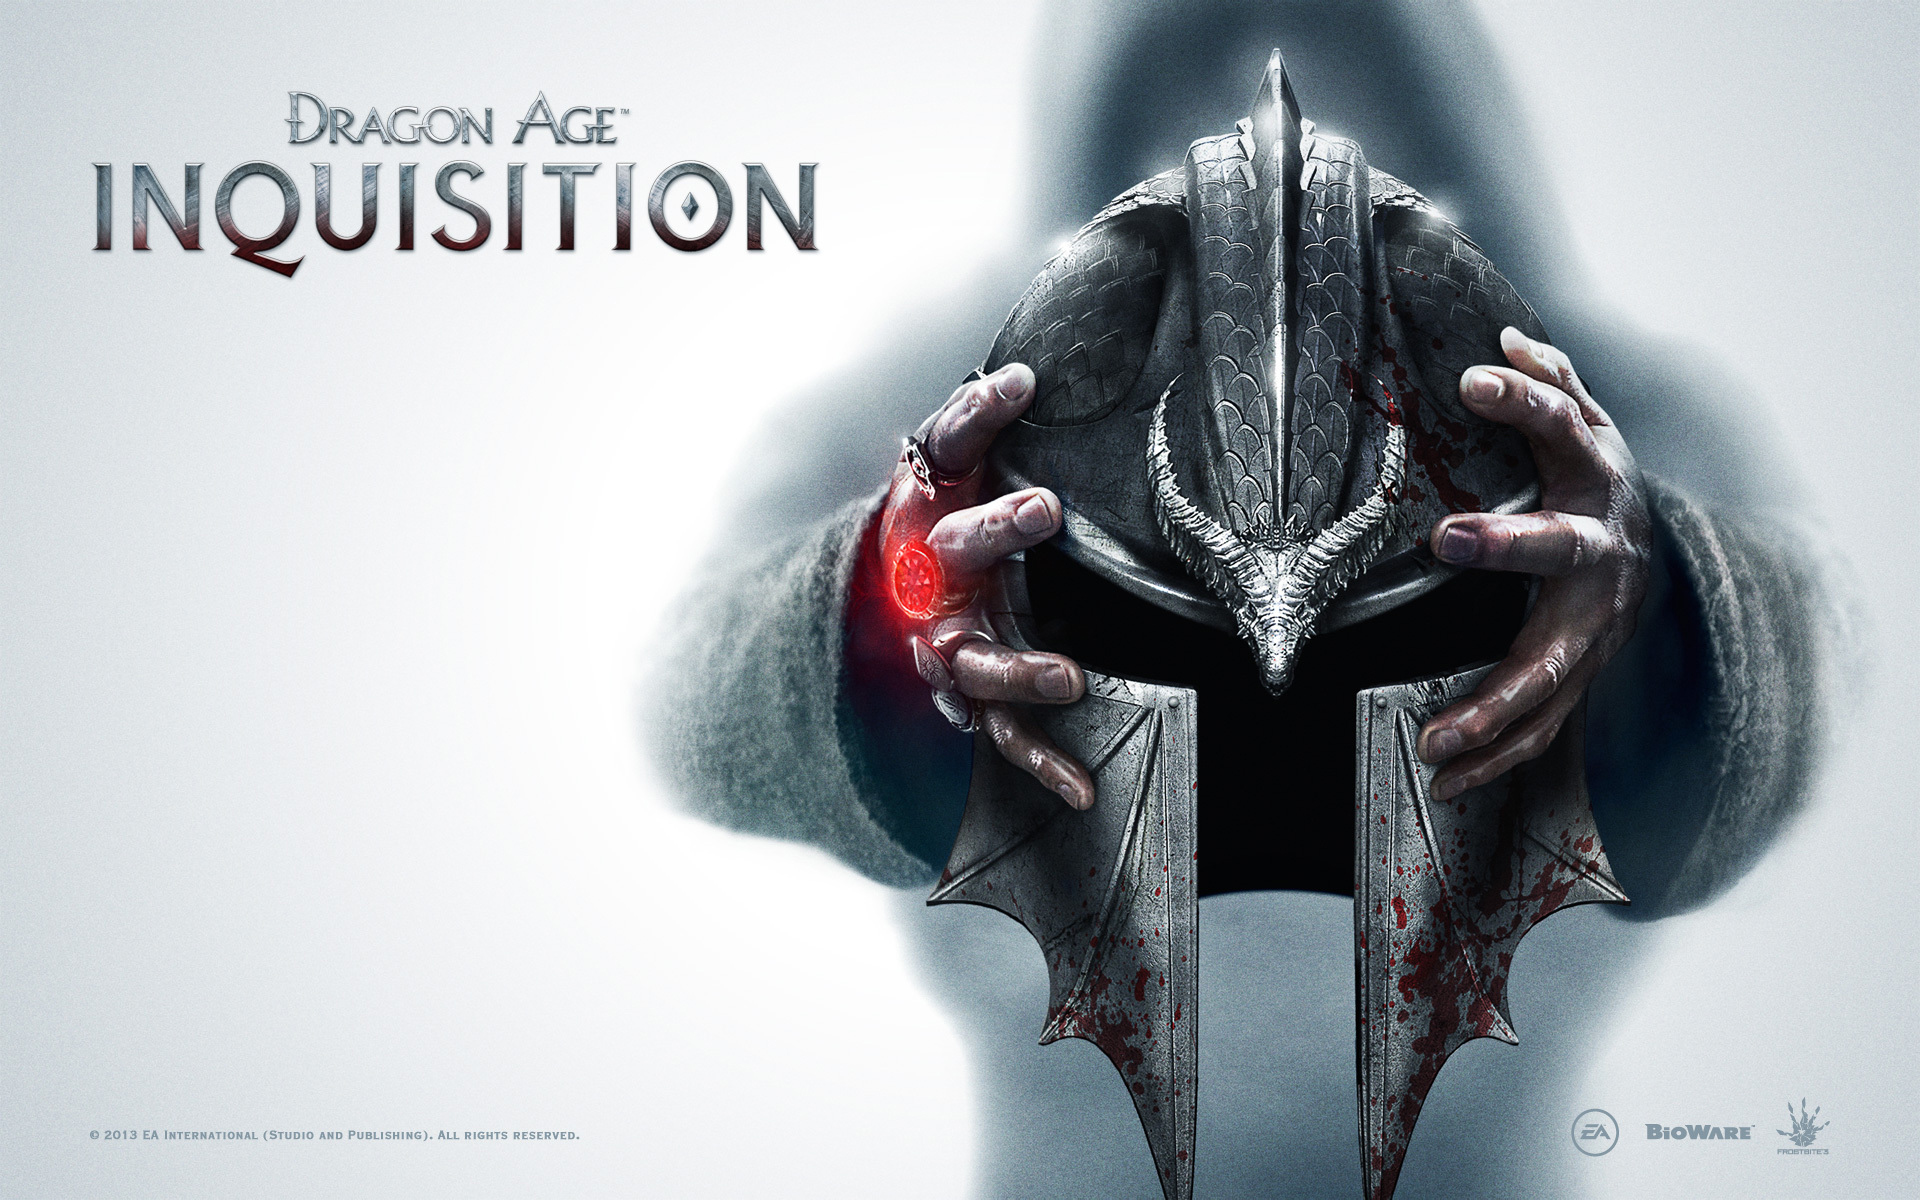 Dragon Age: Inquisition no será una secuela a los primeros 2 juegos [Anuncios]